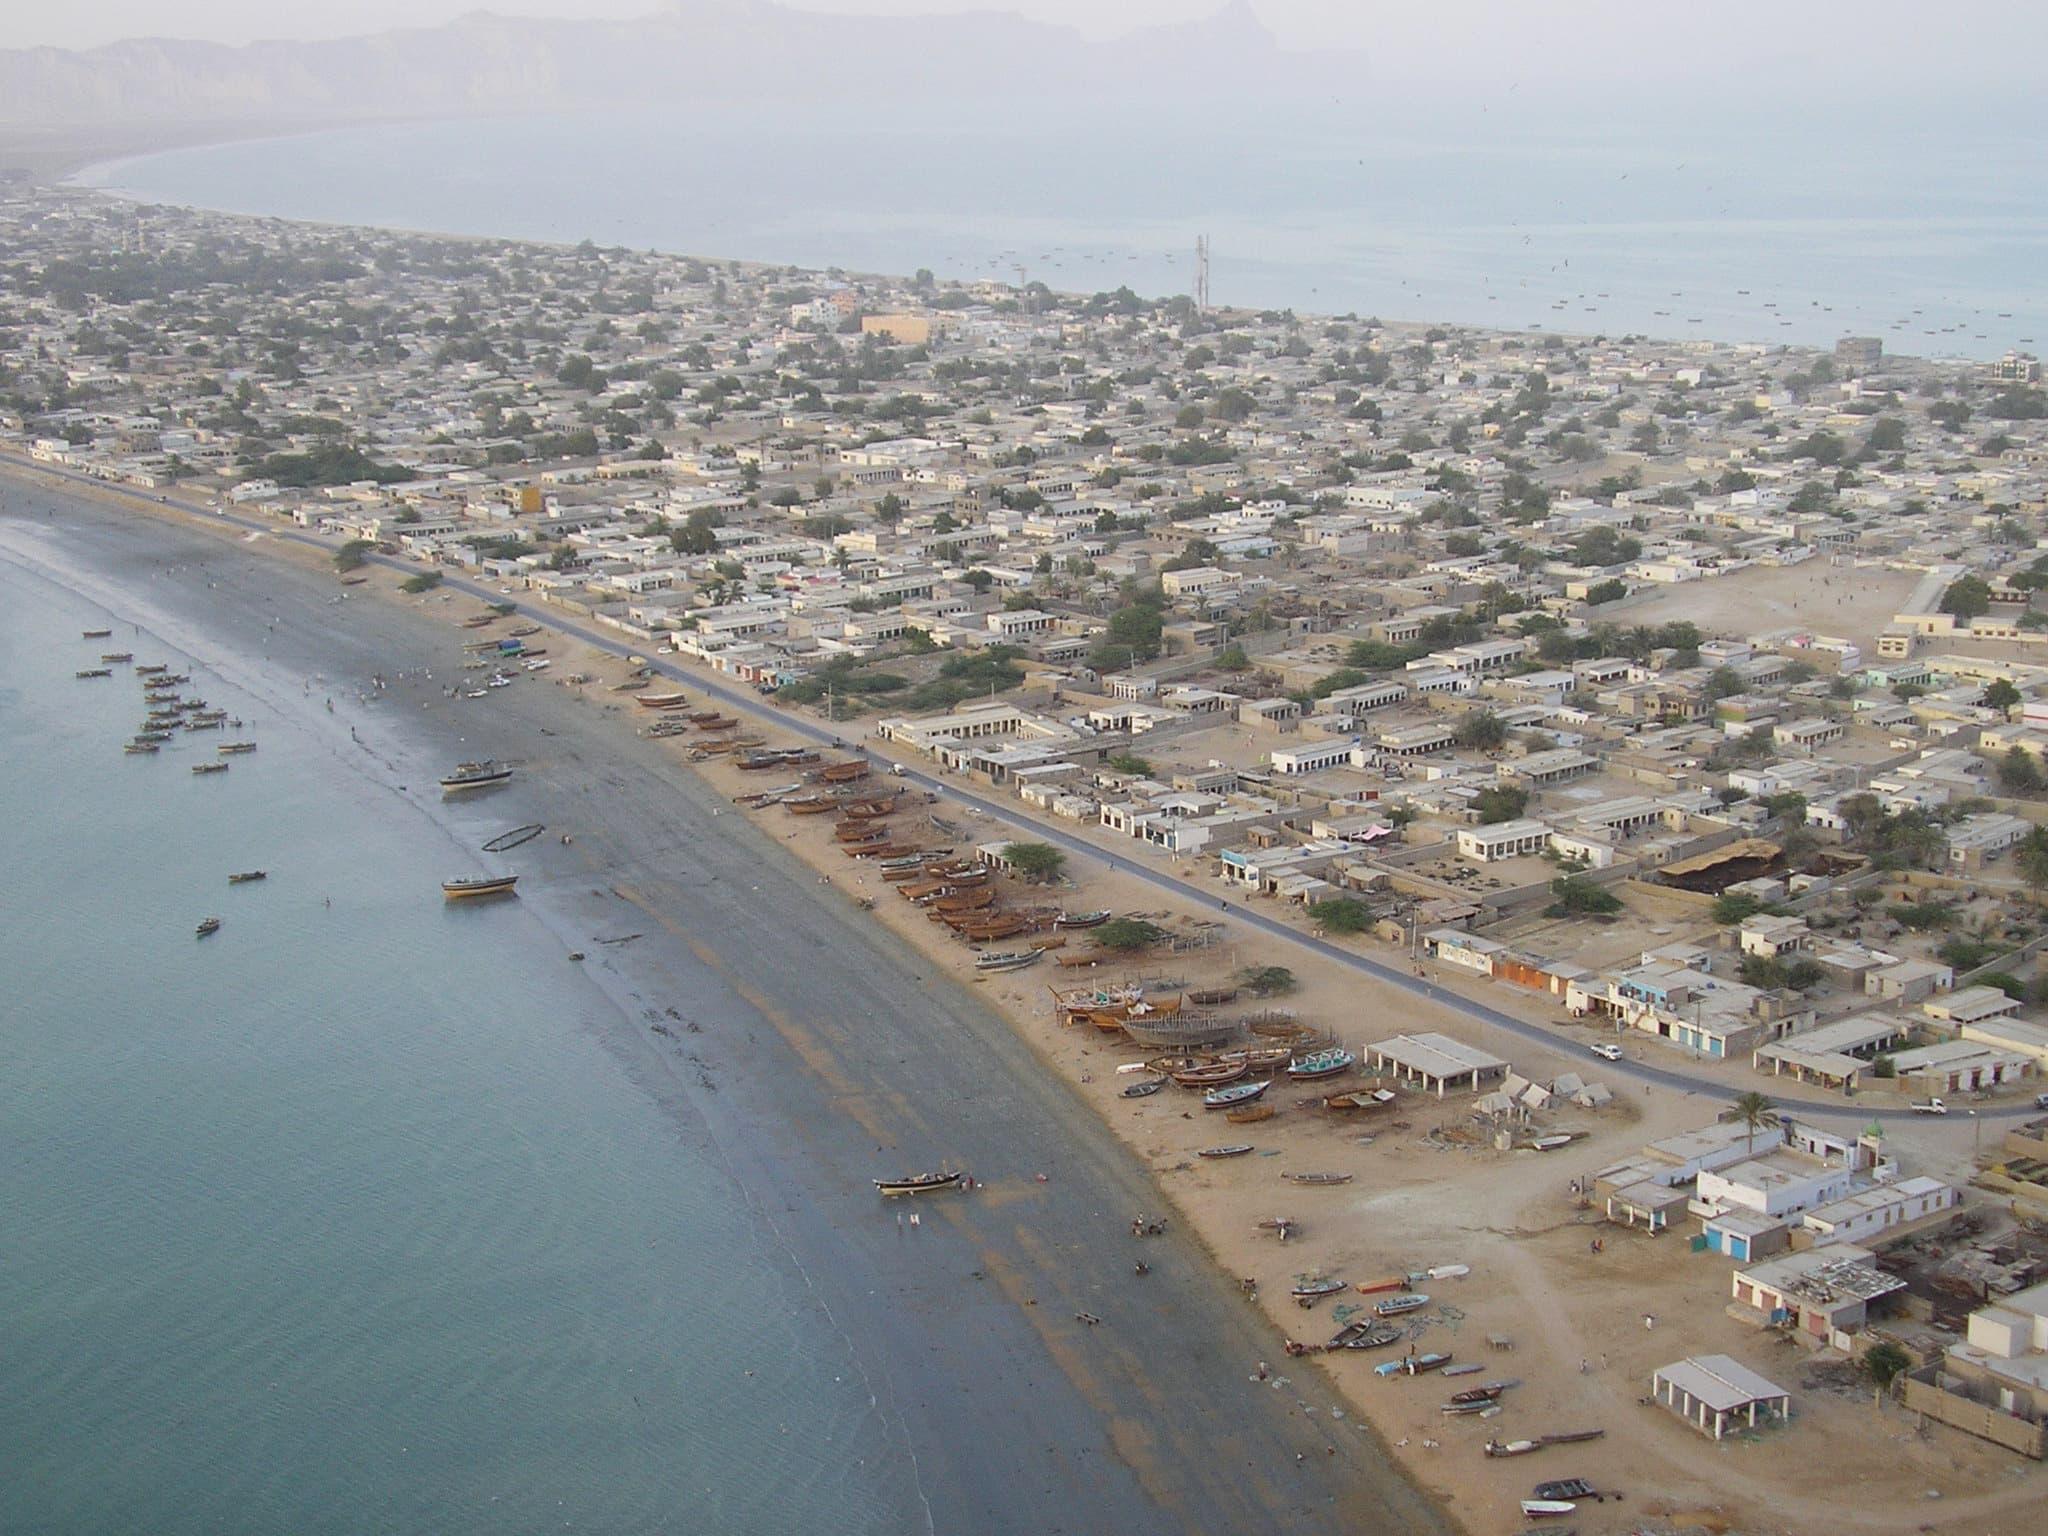 Four desalination plants lying idle in Gwadar amid water shortage